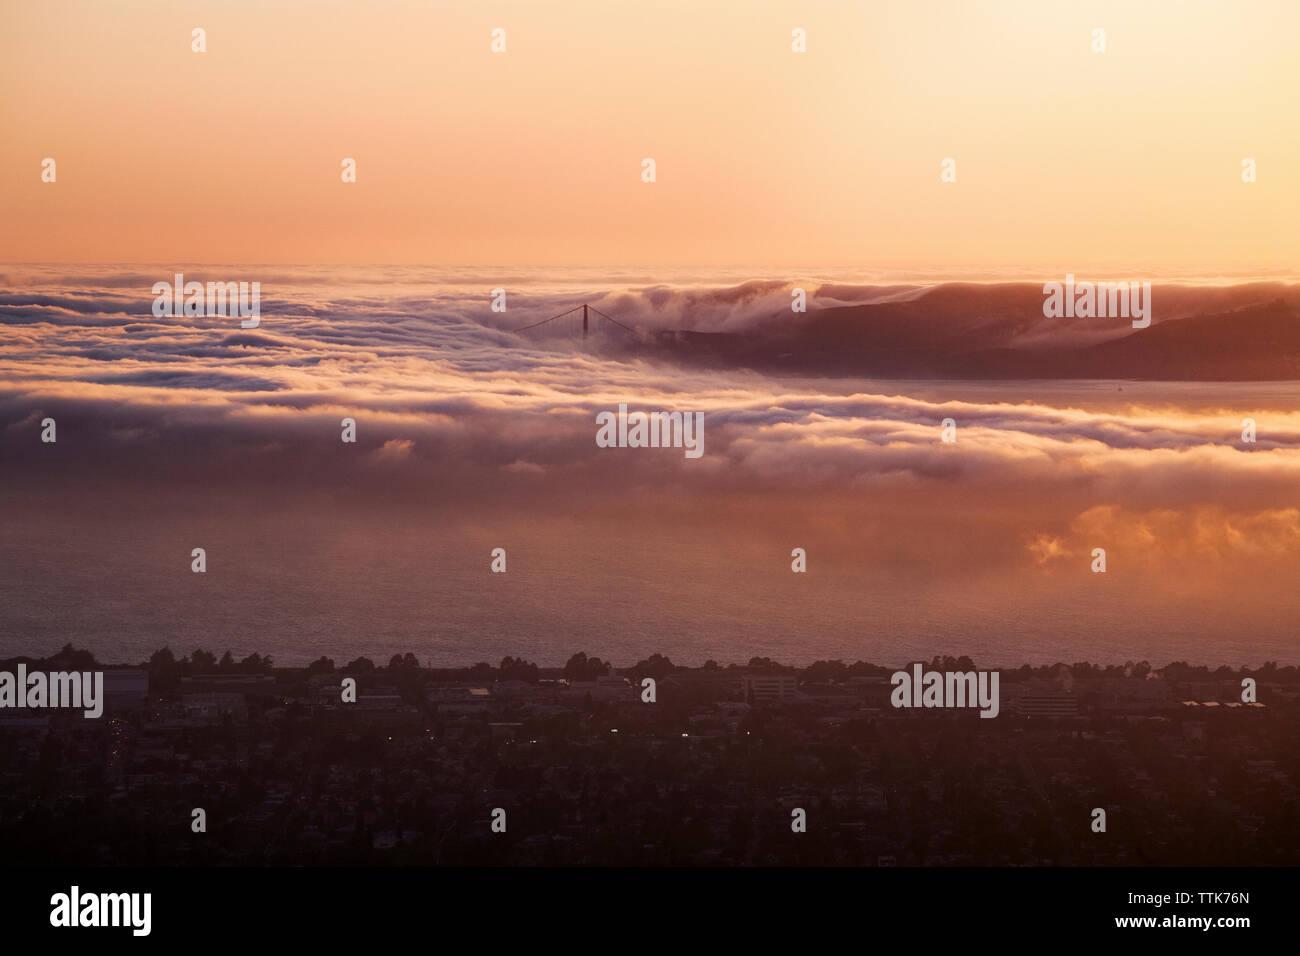 Digitale zusammengesetzte Bild von Wellen und die Stadt bei Sonnenuntergang Stockbild